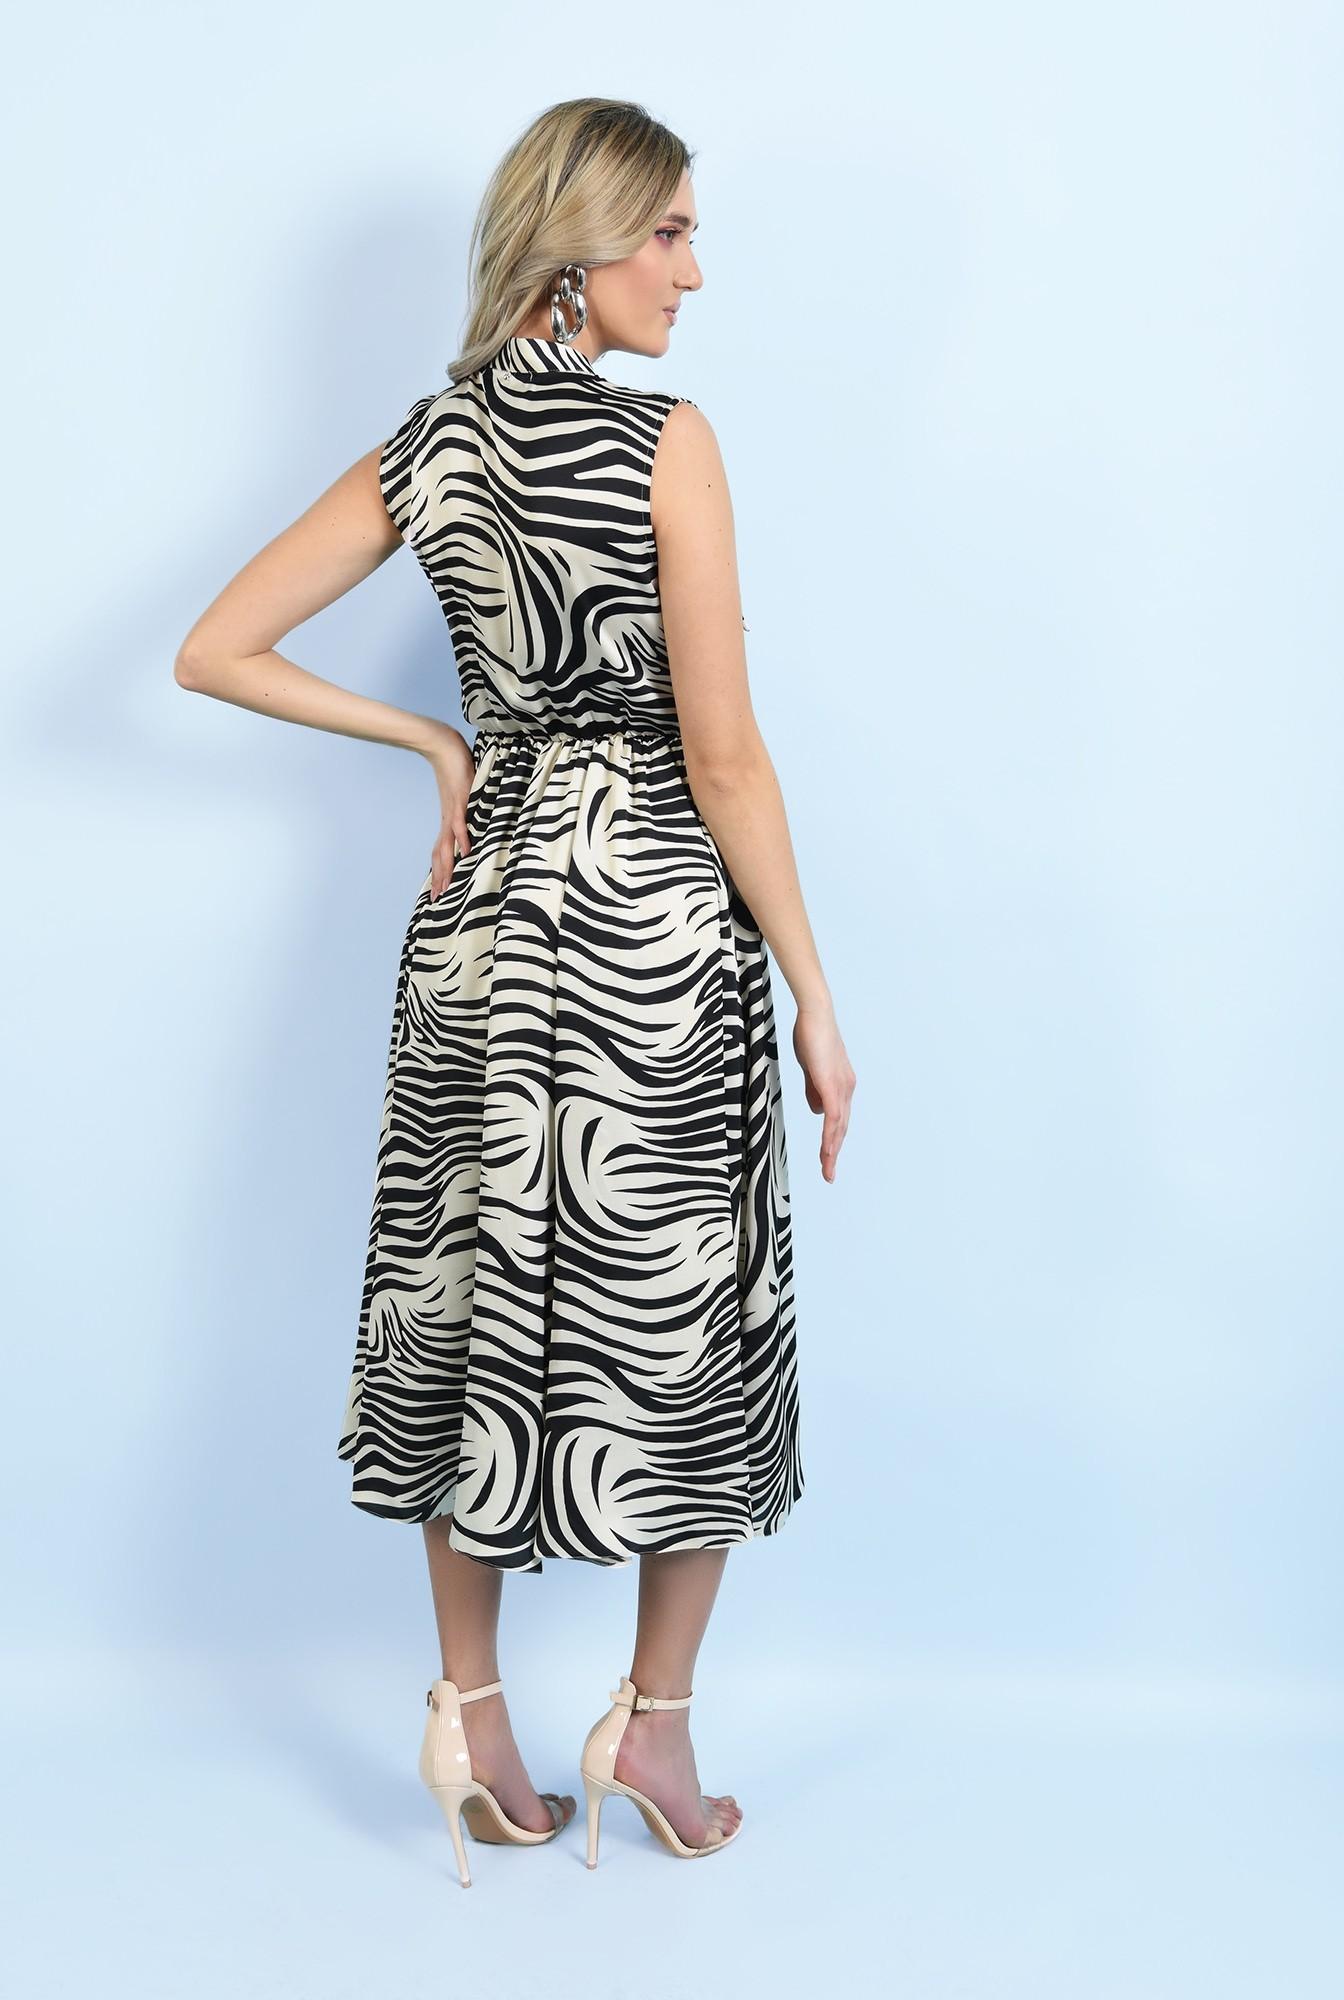 1 - rochie eleganta, midi, evazata, fara maneci, print zebra